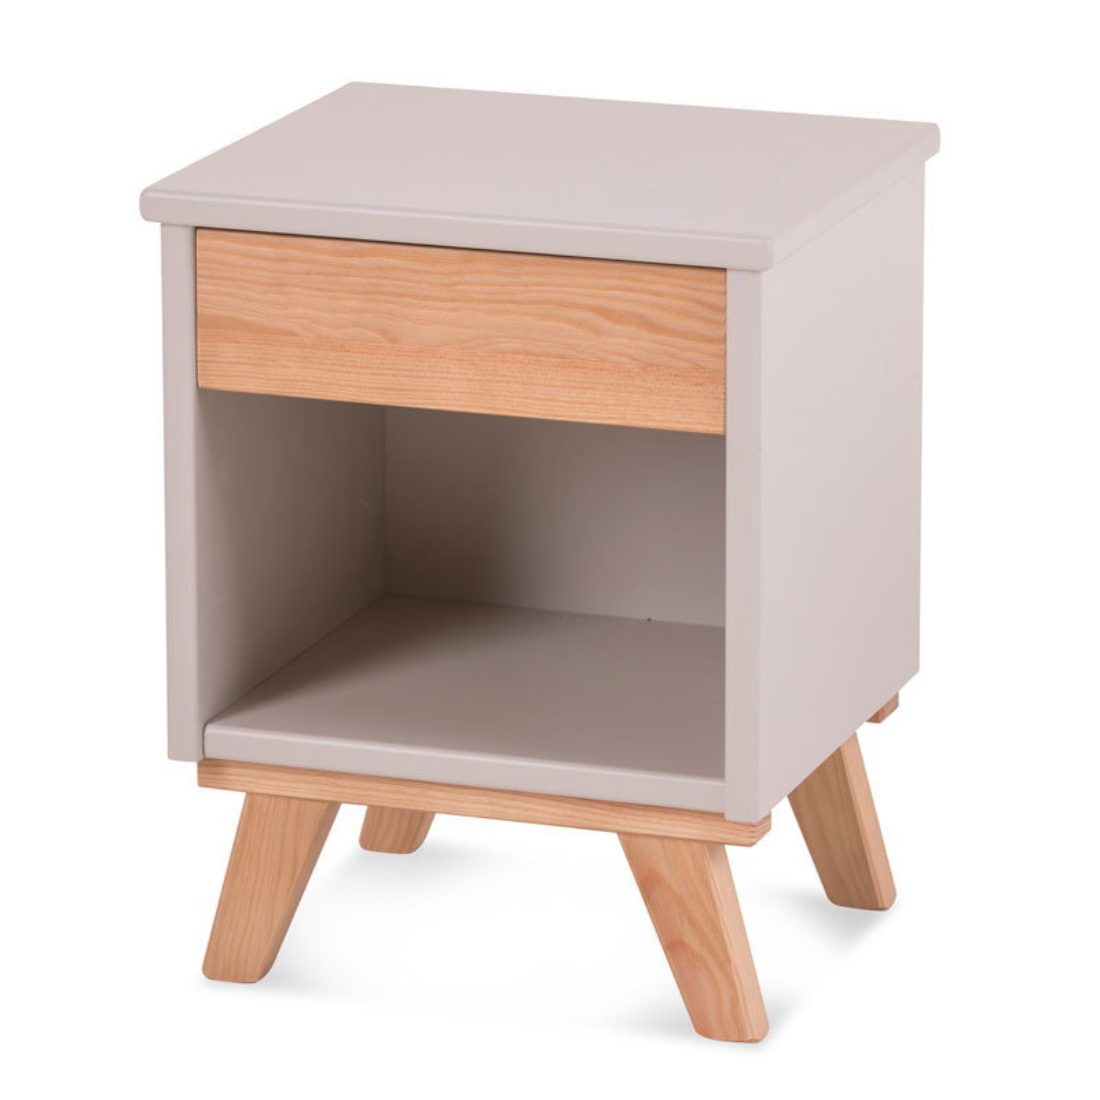 table de chevet 1 tiroir bois massif lin cosette univers. Black Bedroom Furniture Sets. Home Design Ideas